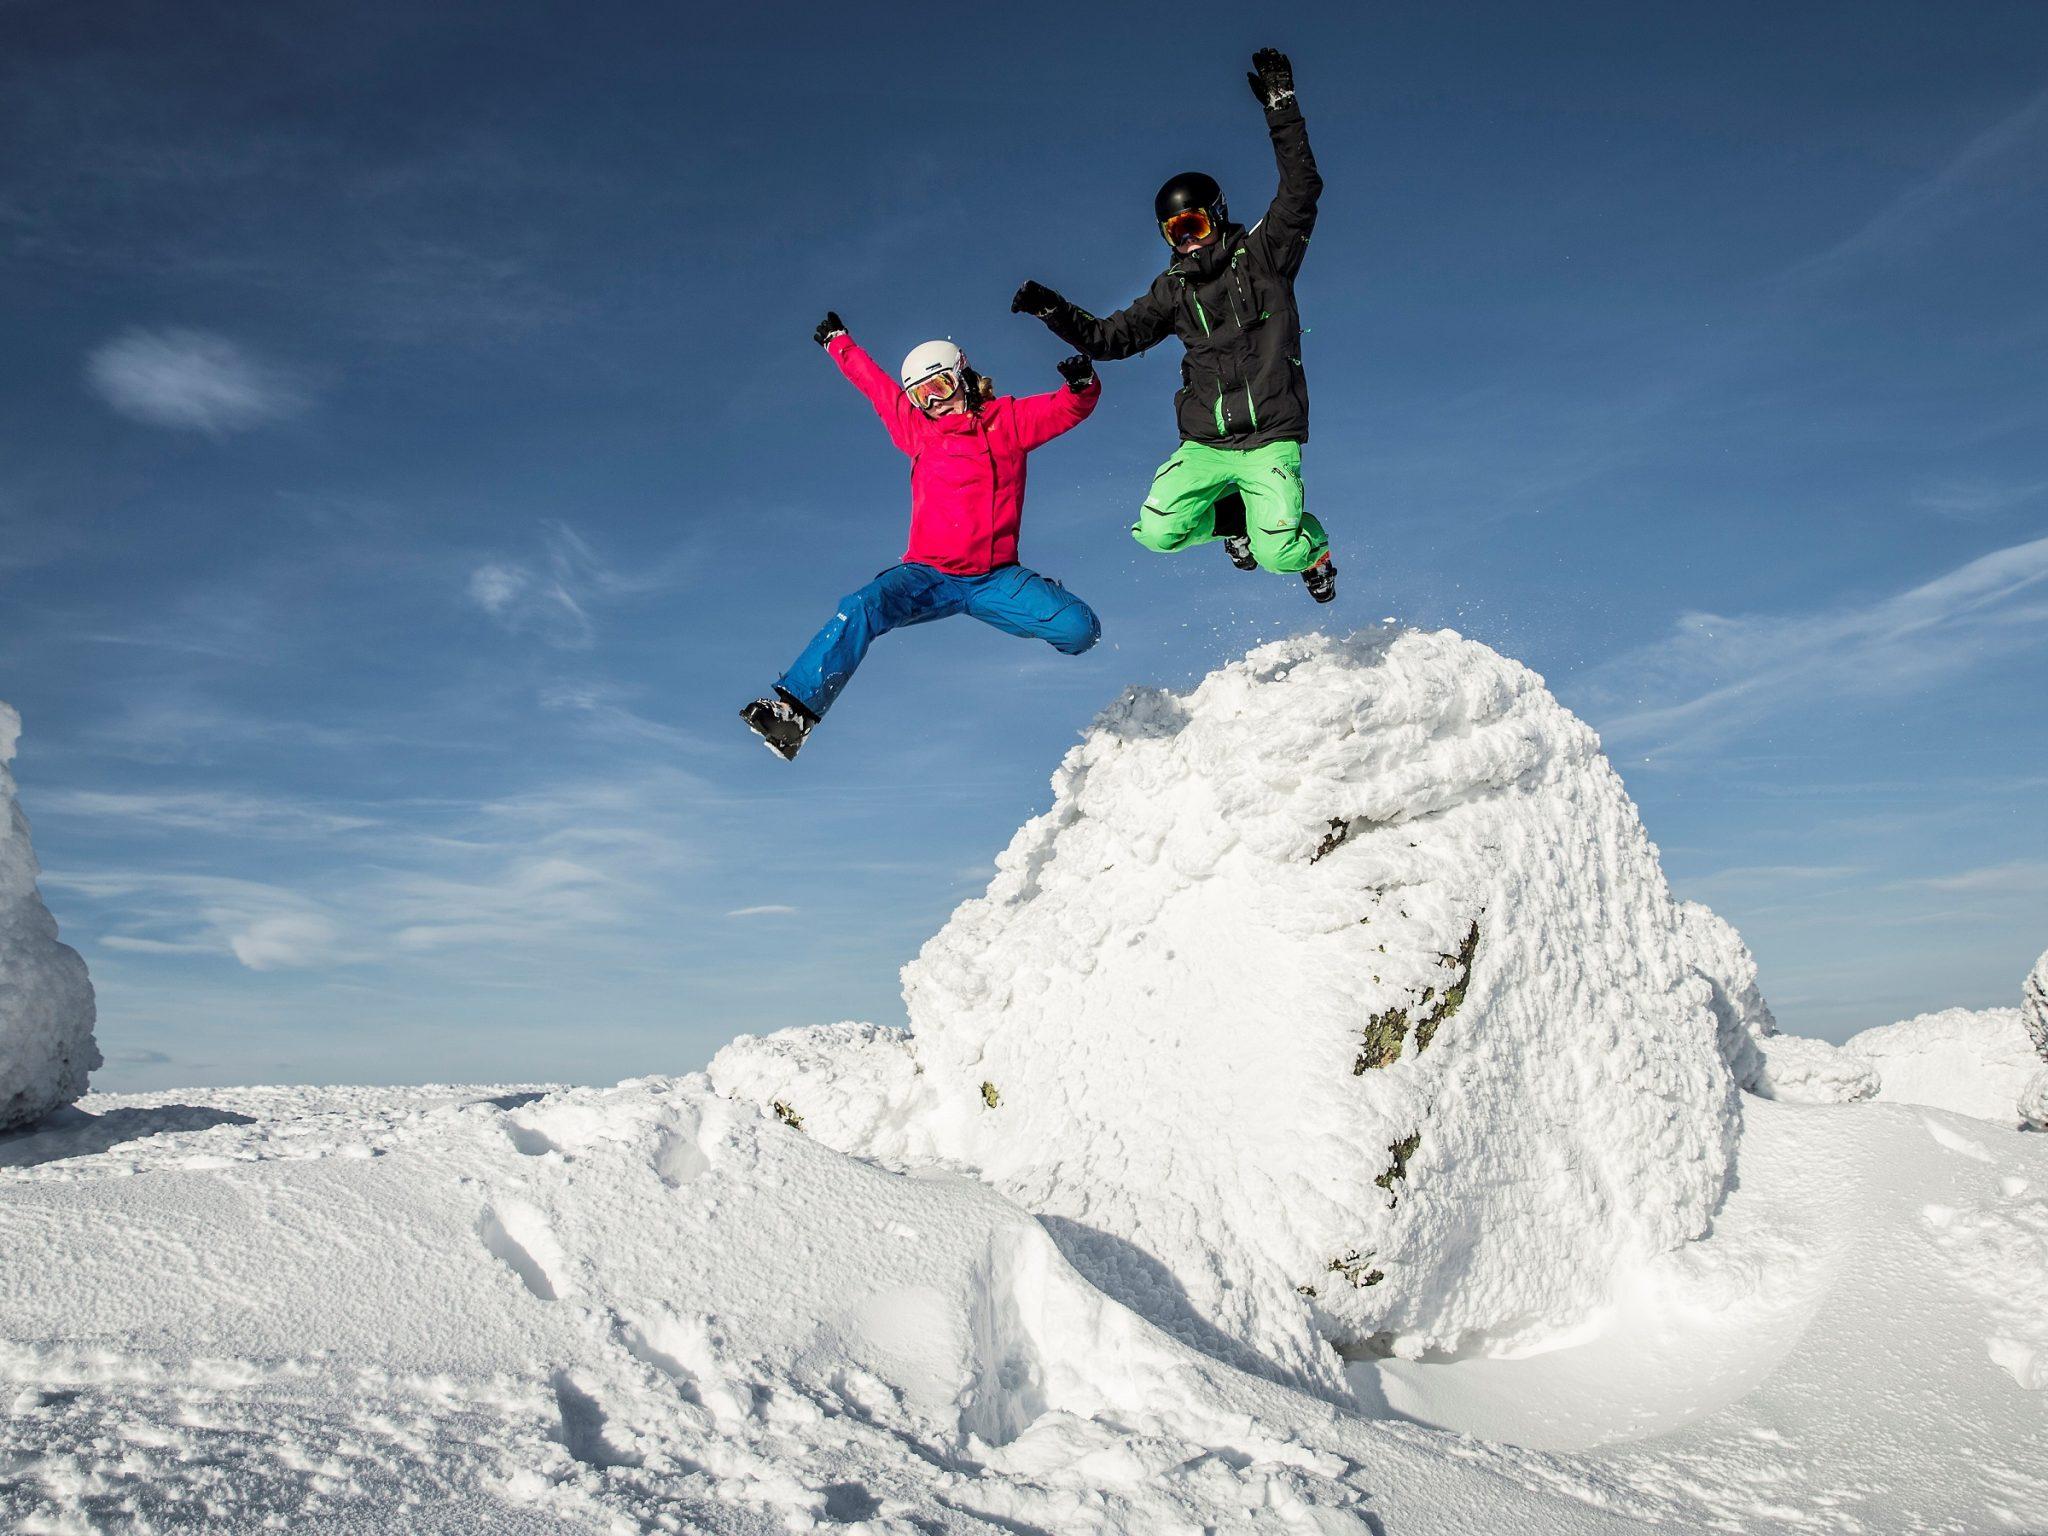 Två barn hoppar från en snöhög